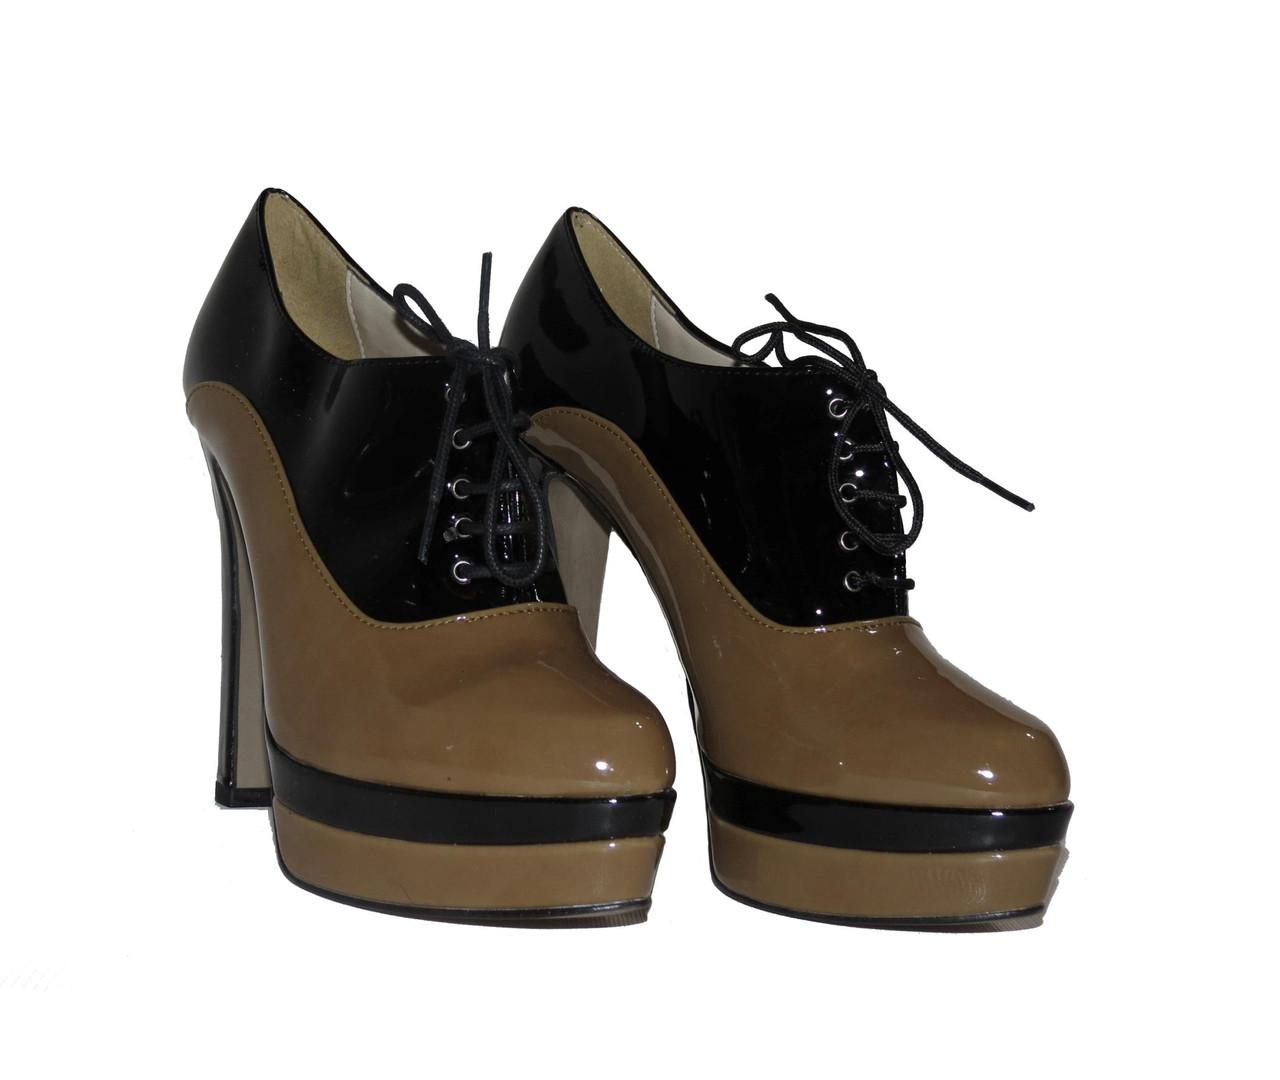 Ботильоны Woman's heel 38 черные (О-586)